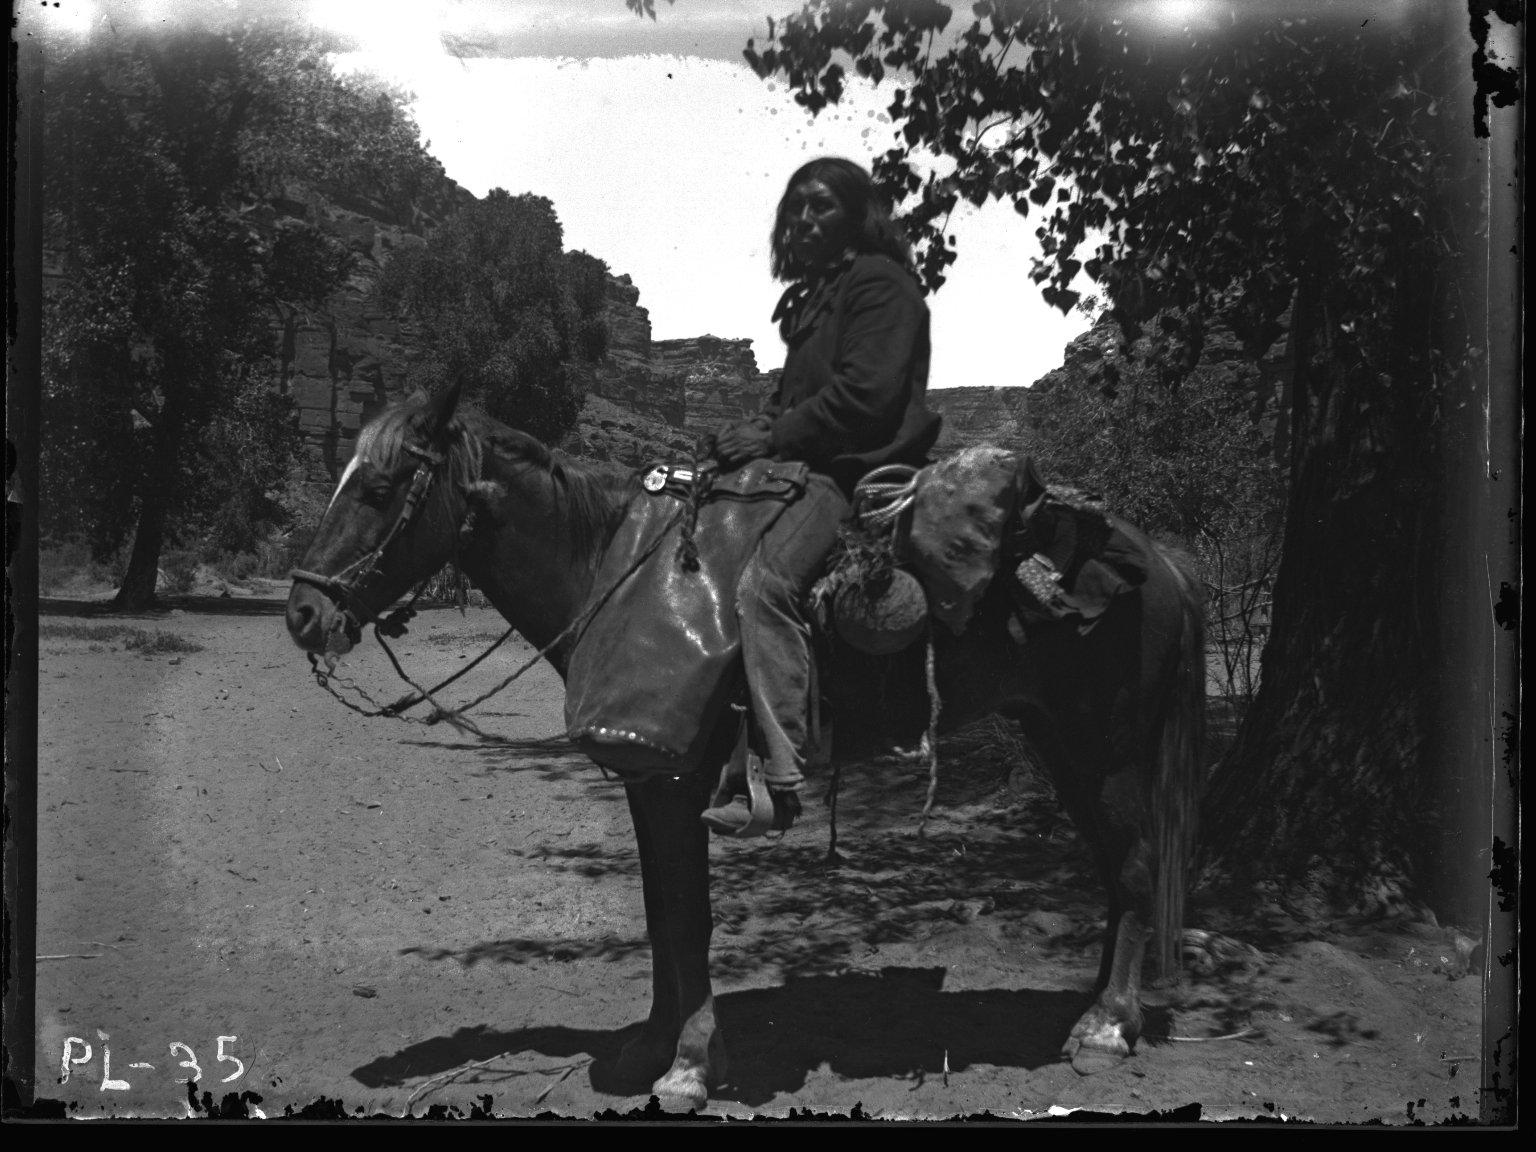 Prince Uodo on Horse